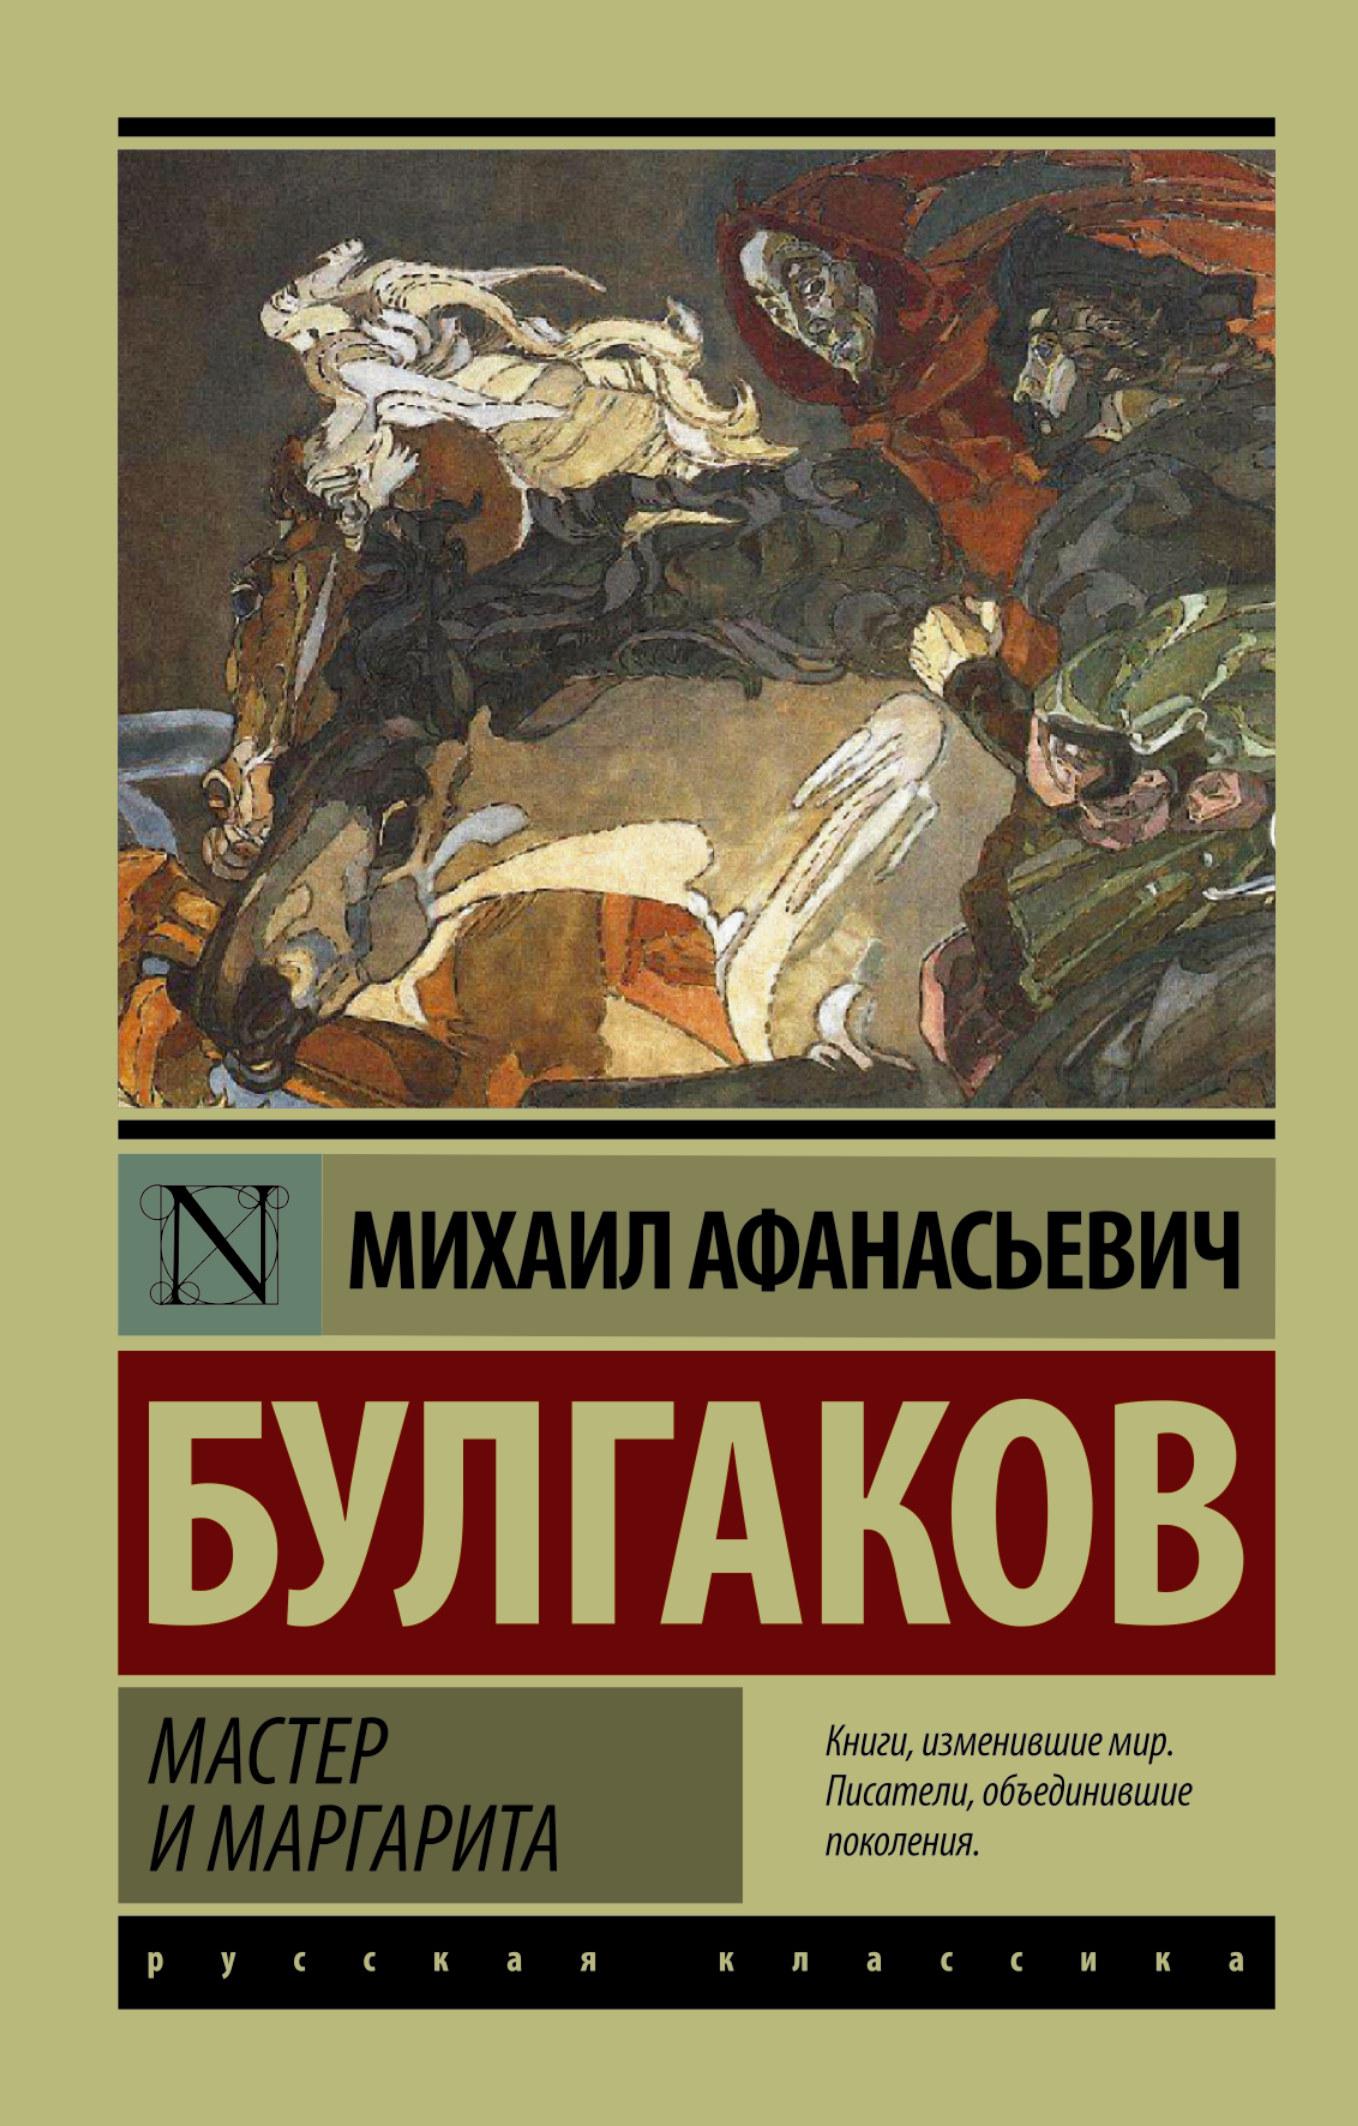 Новые книги булгакова были опубликованы в 1925 году в пору